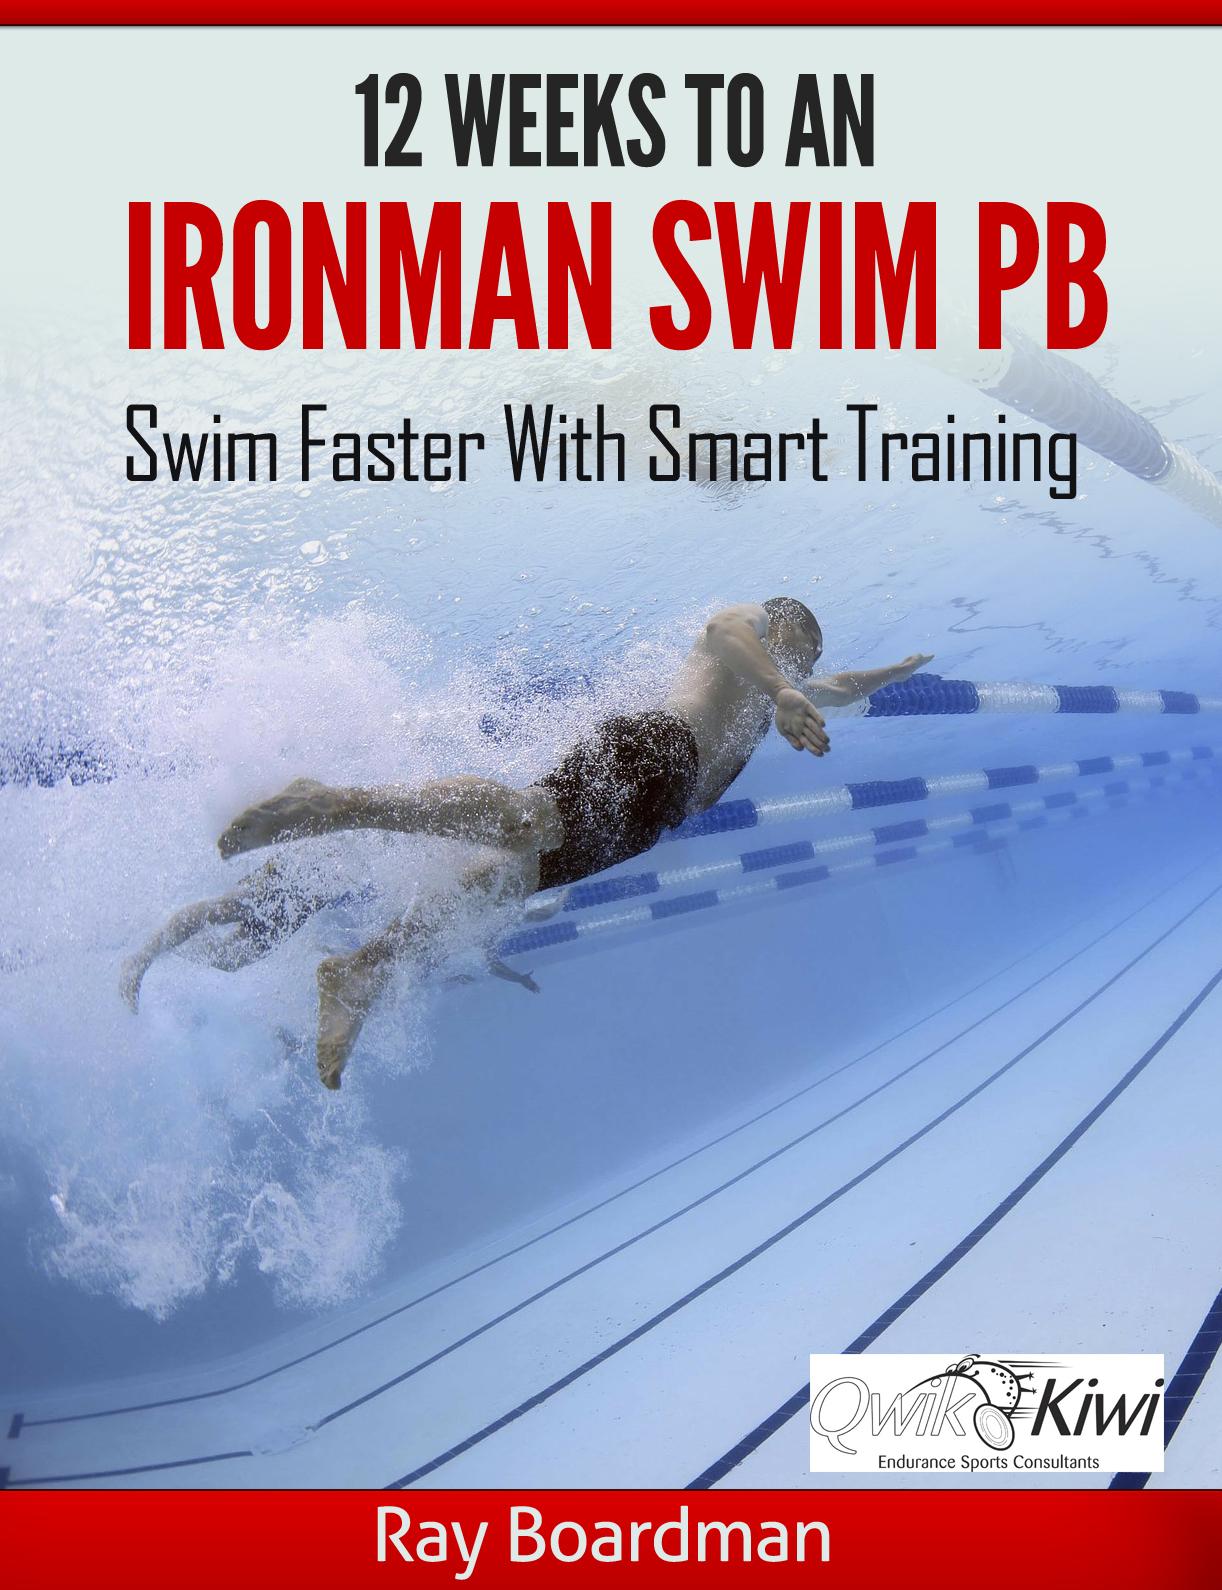 Ironman Swim PR